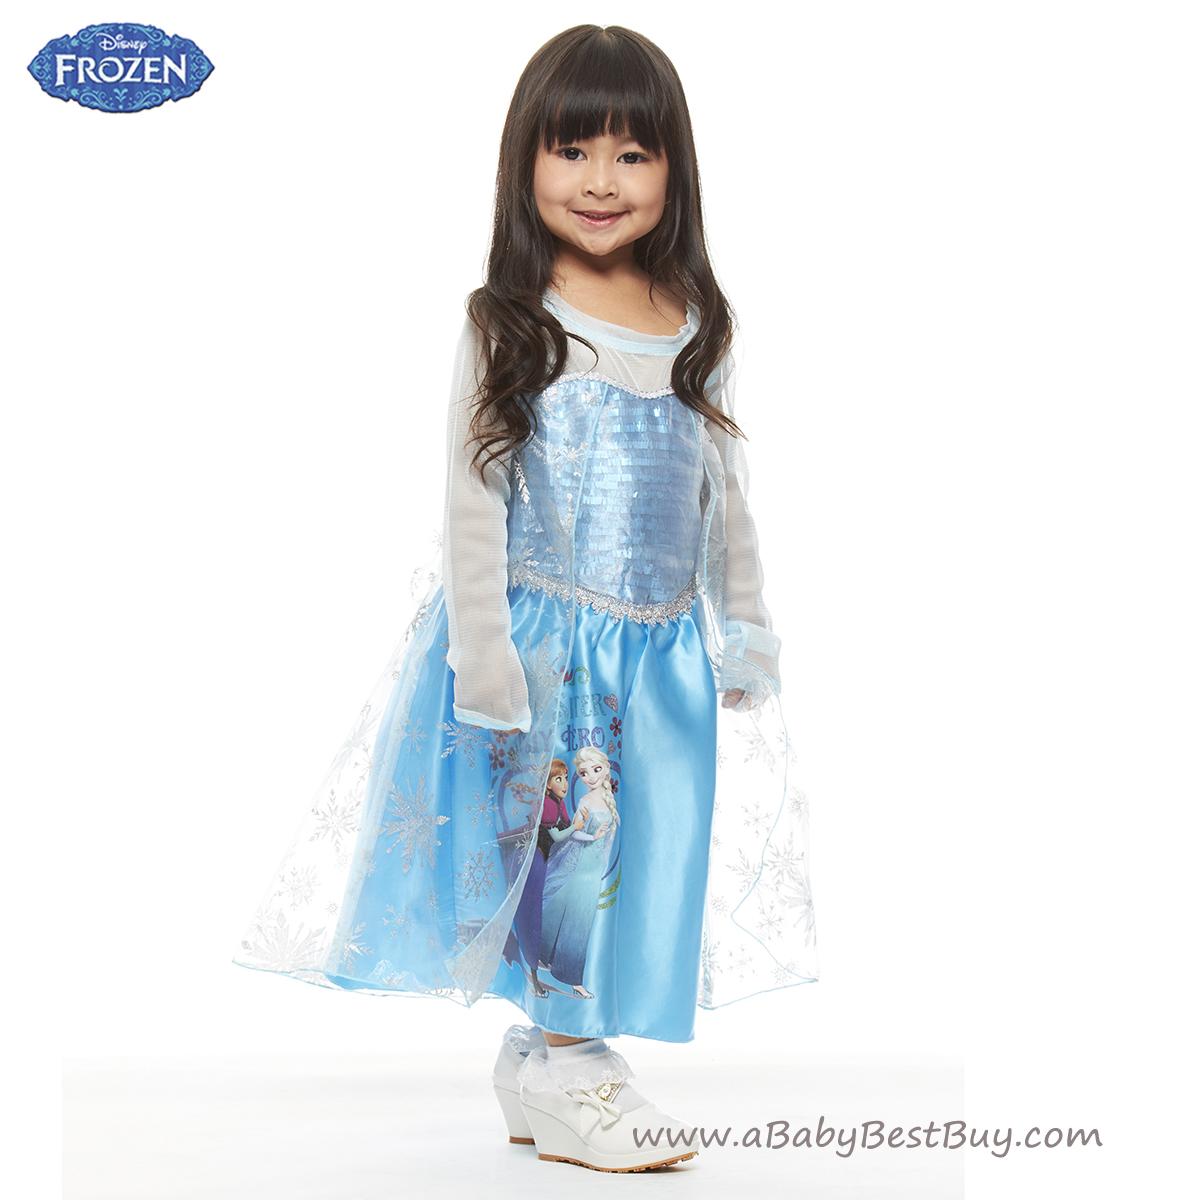 ฮ ( 4-6-8-10 ปี ) ชุดเดรสยาว สีฟ้า แขนยาว ลายเจ้าหญิงโฟรเซ่น ดิสนีย์แท้ ลิขสิทธิ์แท้ (สำหรับเด็ก4-6-8-10 ปี)